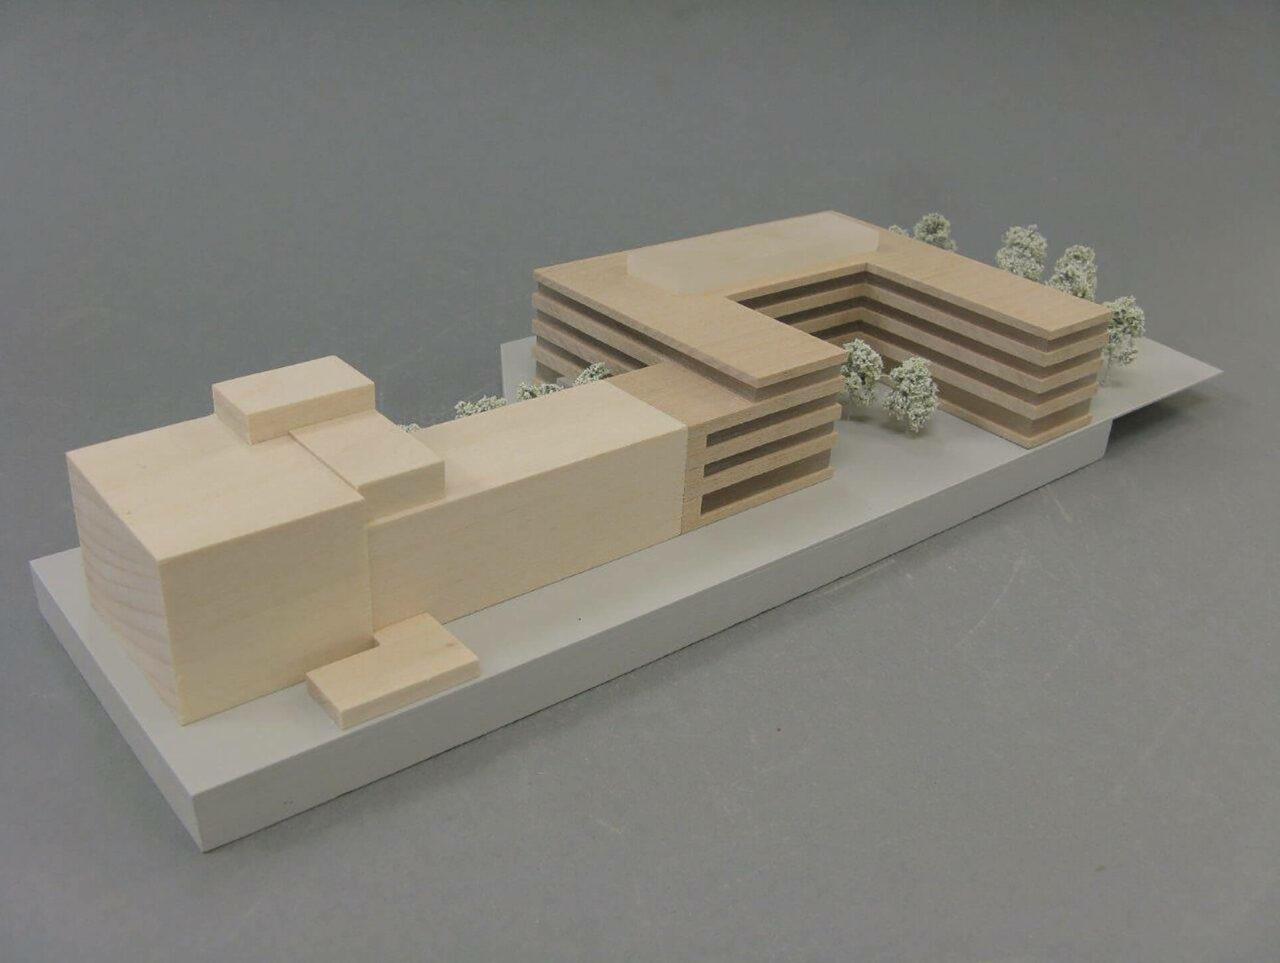 Verwaltungsgebäude Göttingen Eealisierungswettbewerb 2ter Preis Modell